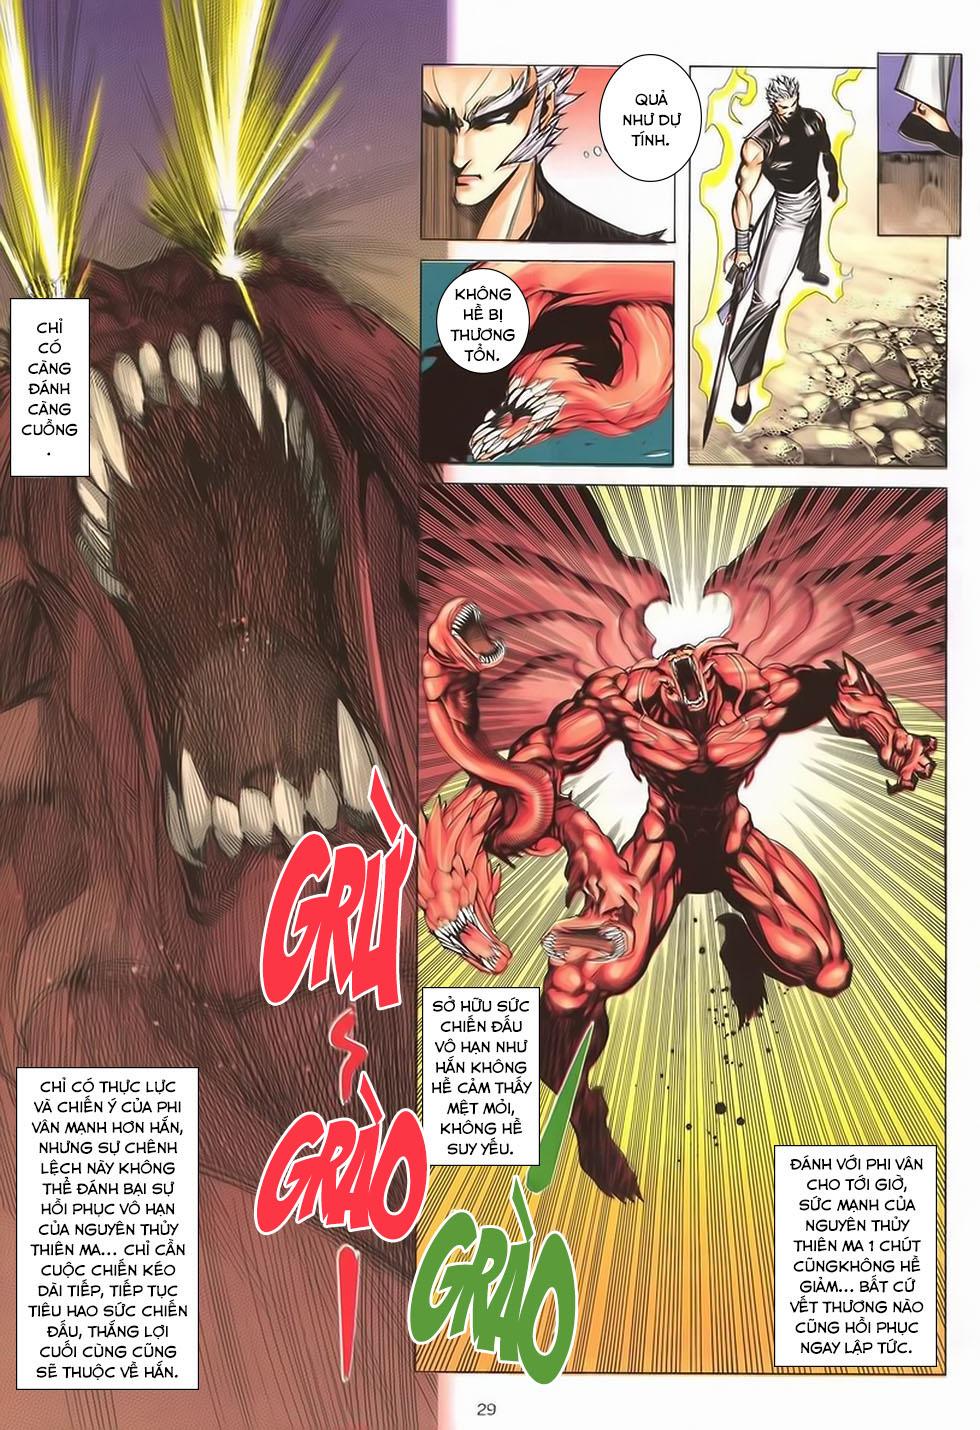 Chiến Thần Ký chap 40 - Trang 29